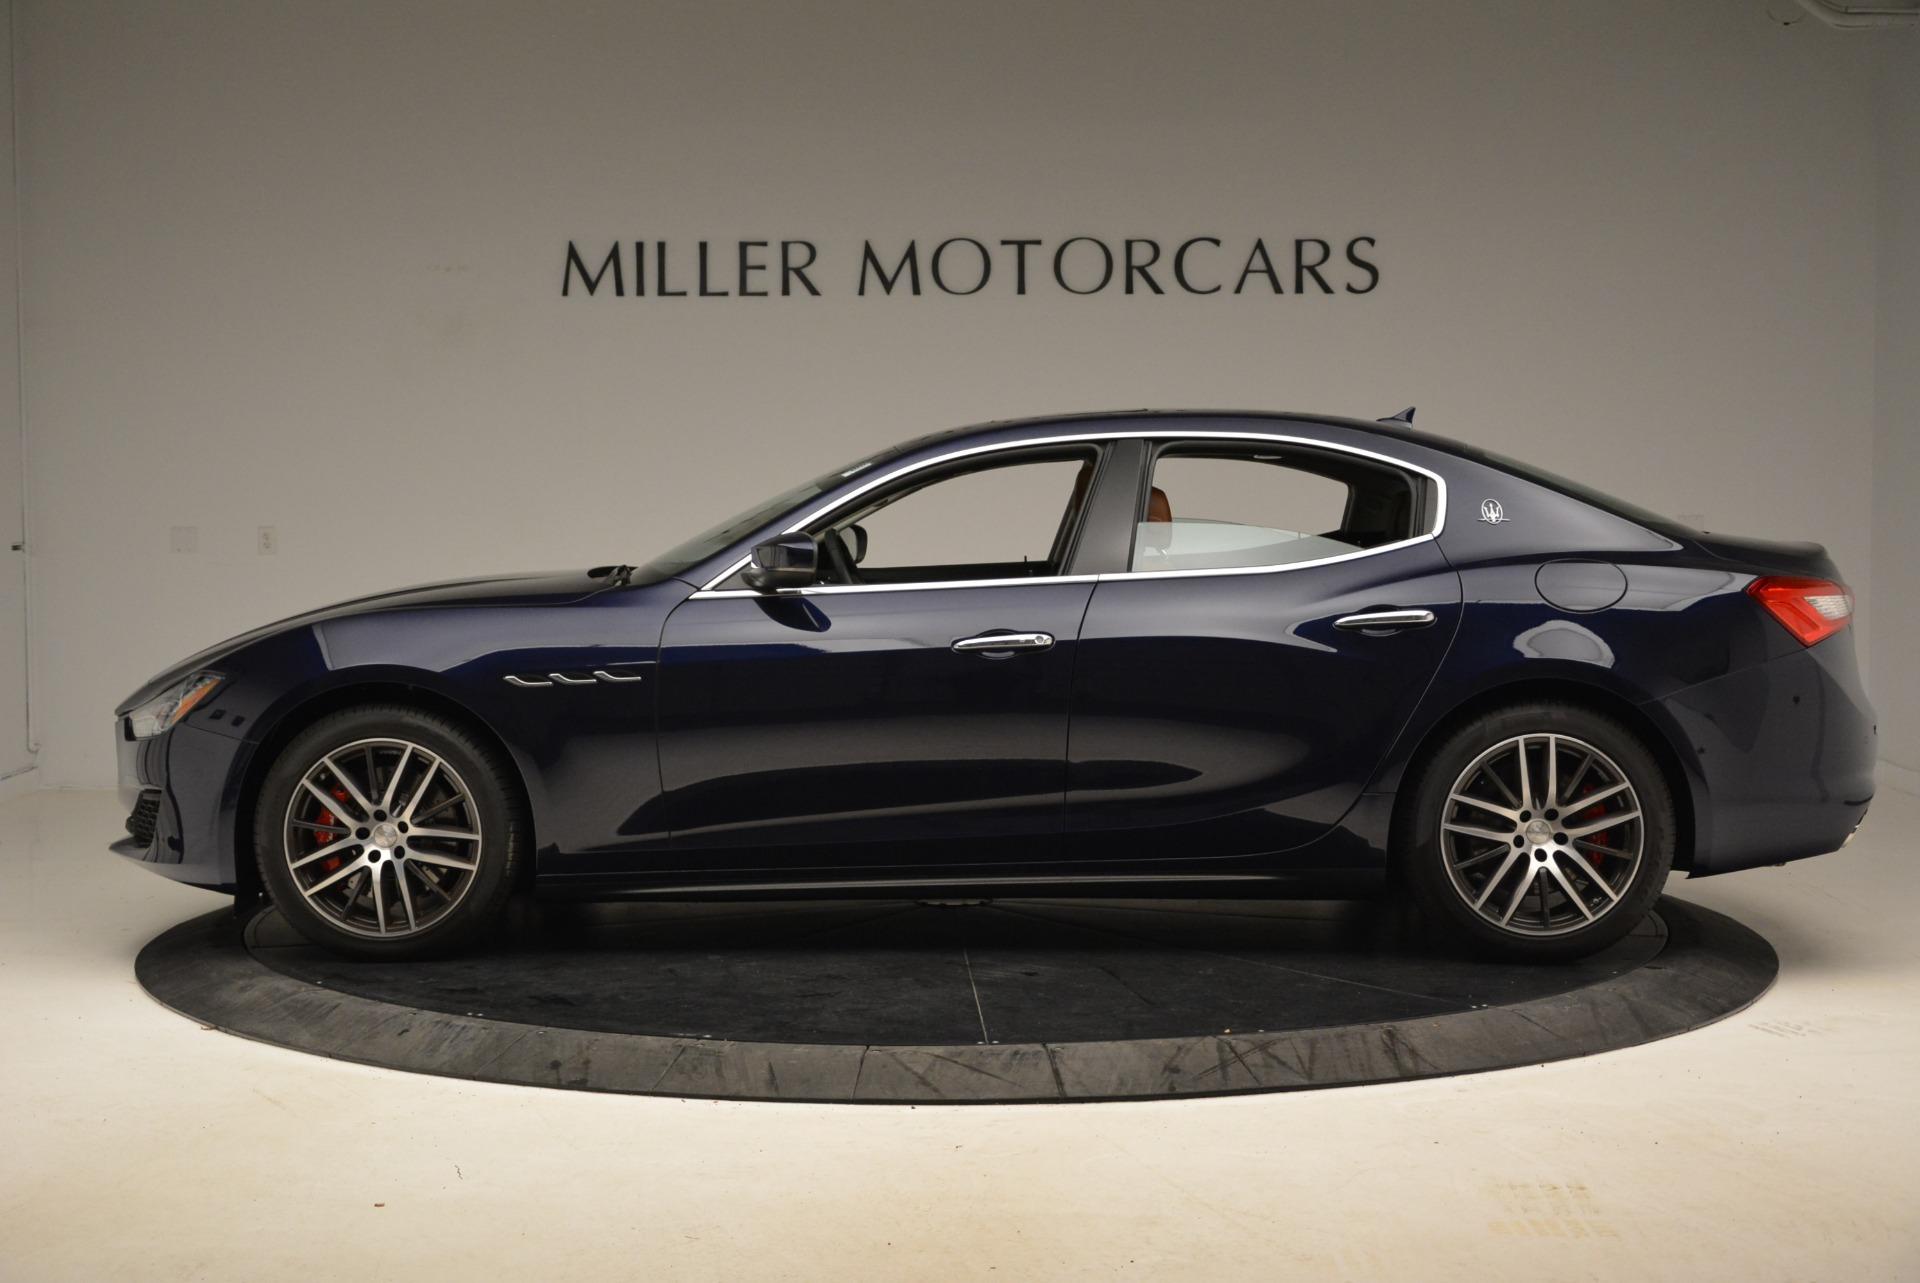 New 2019 Maserati Ghibli S Q4 For Sale In Greenwich, CT 2794_p3